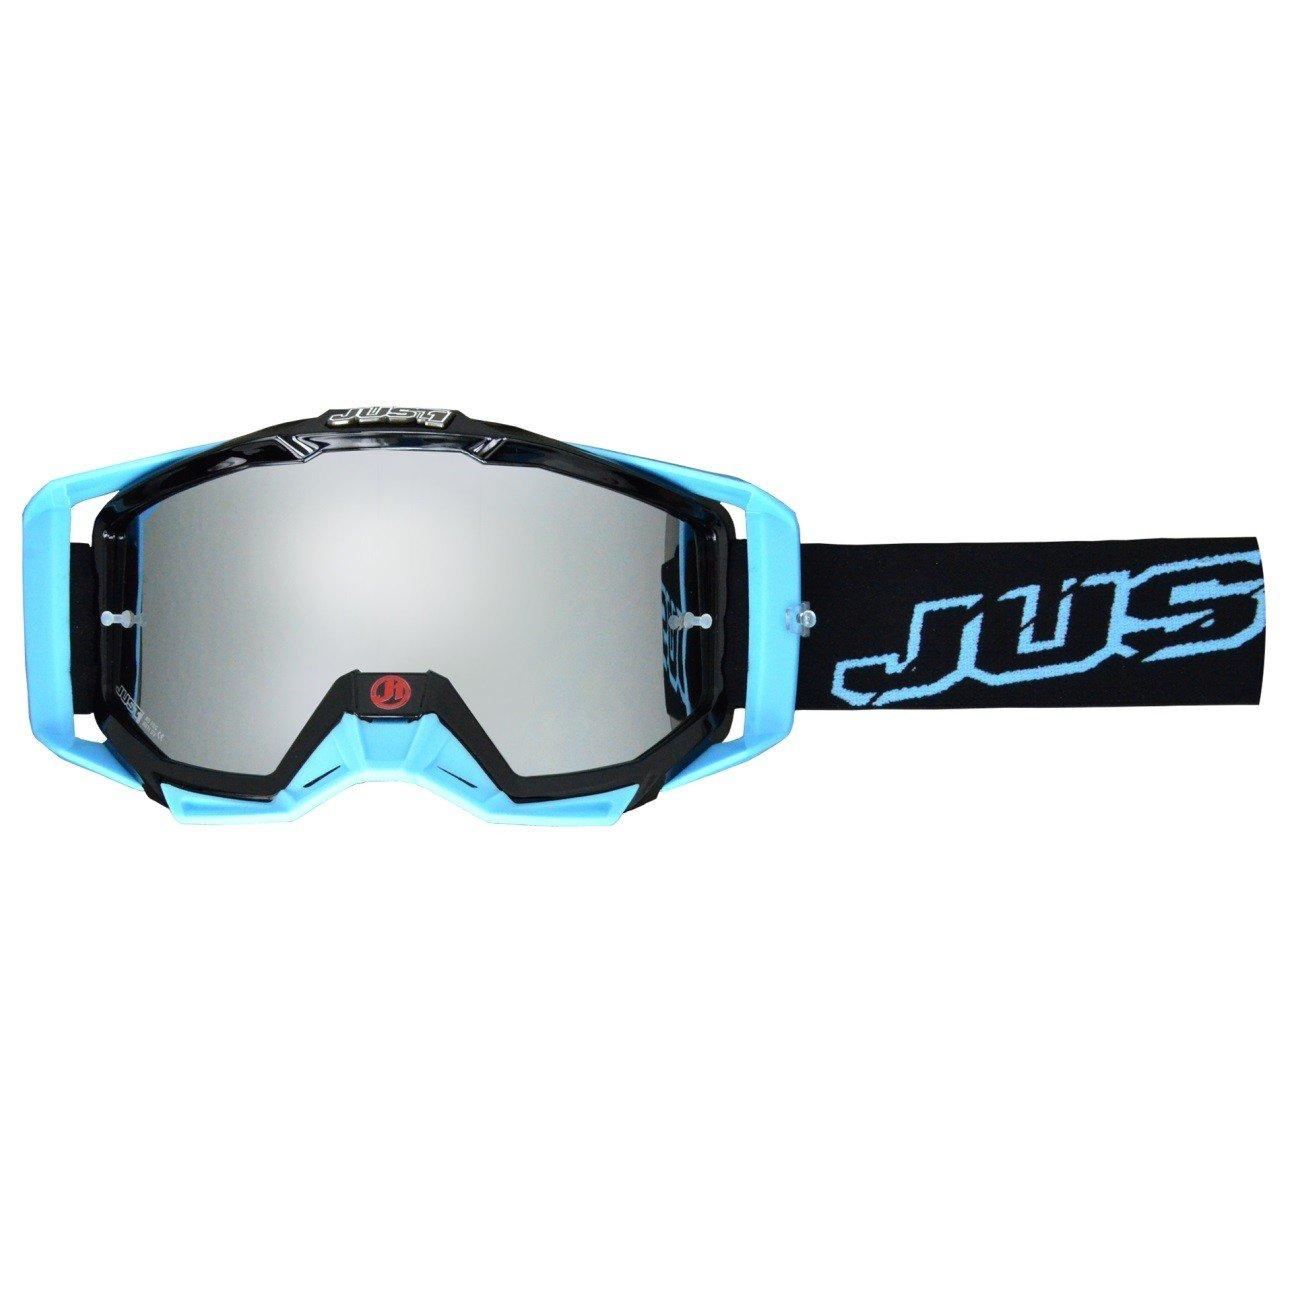 Motokrosové brýle Just1 Iris Neon (černo/modré)